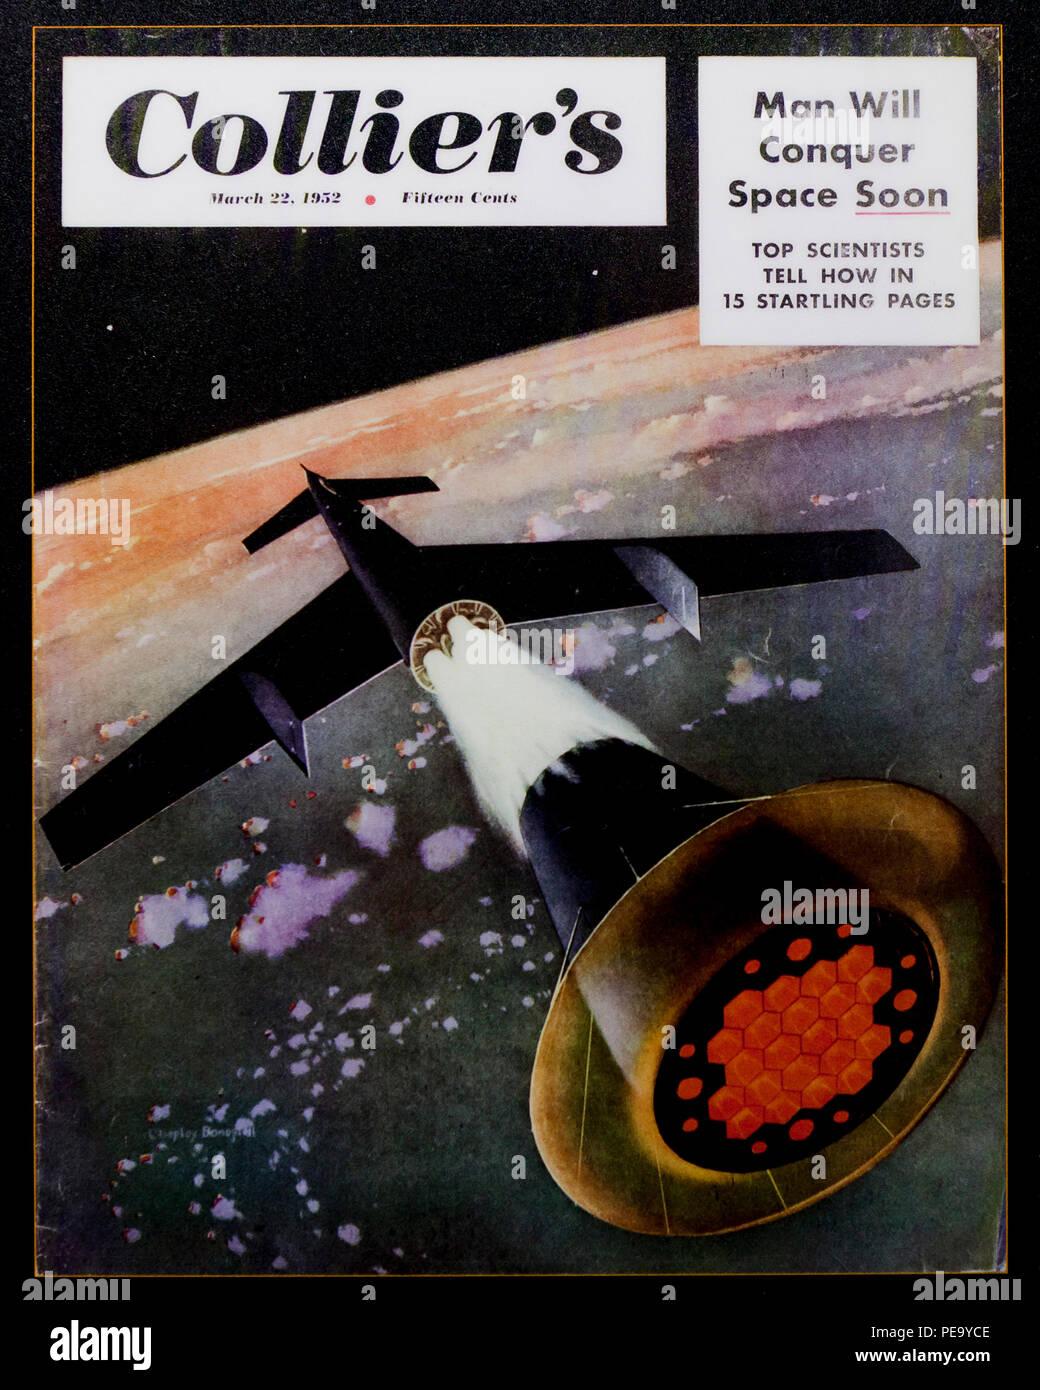 Collier's magazine couvrir afficher spaceplane concept (vaisseau) et vols habités, vers mars 1952 - USA Photo Stock